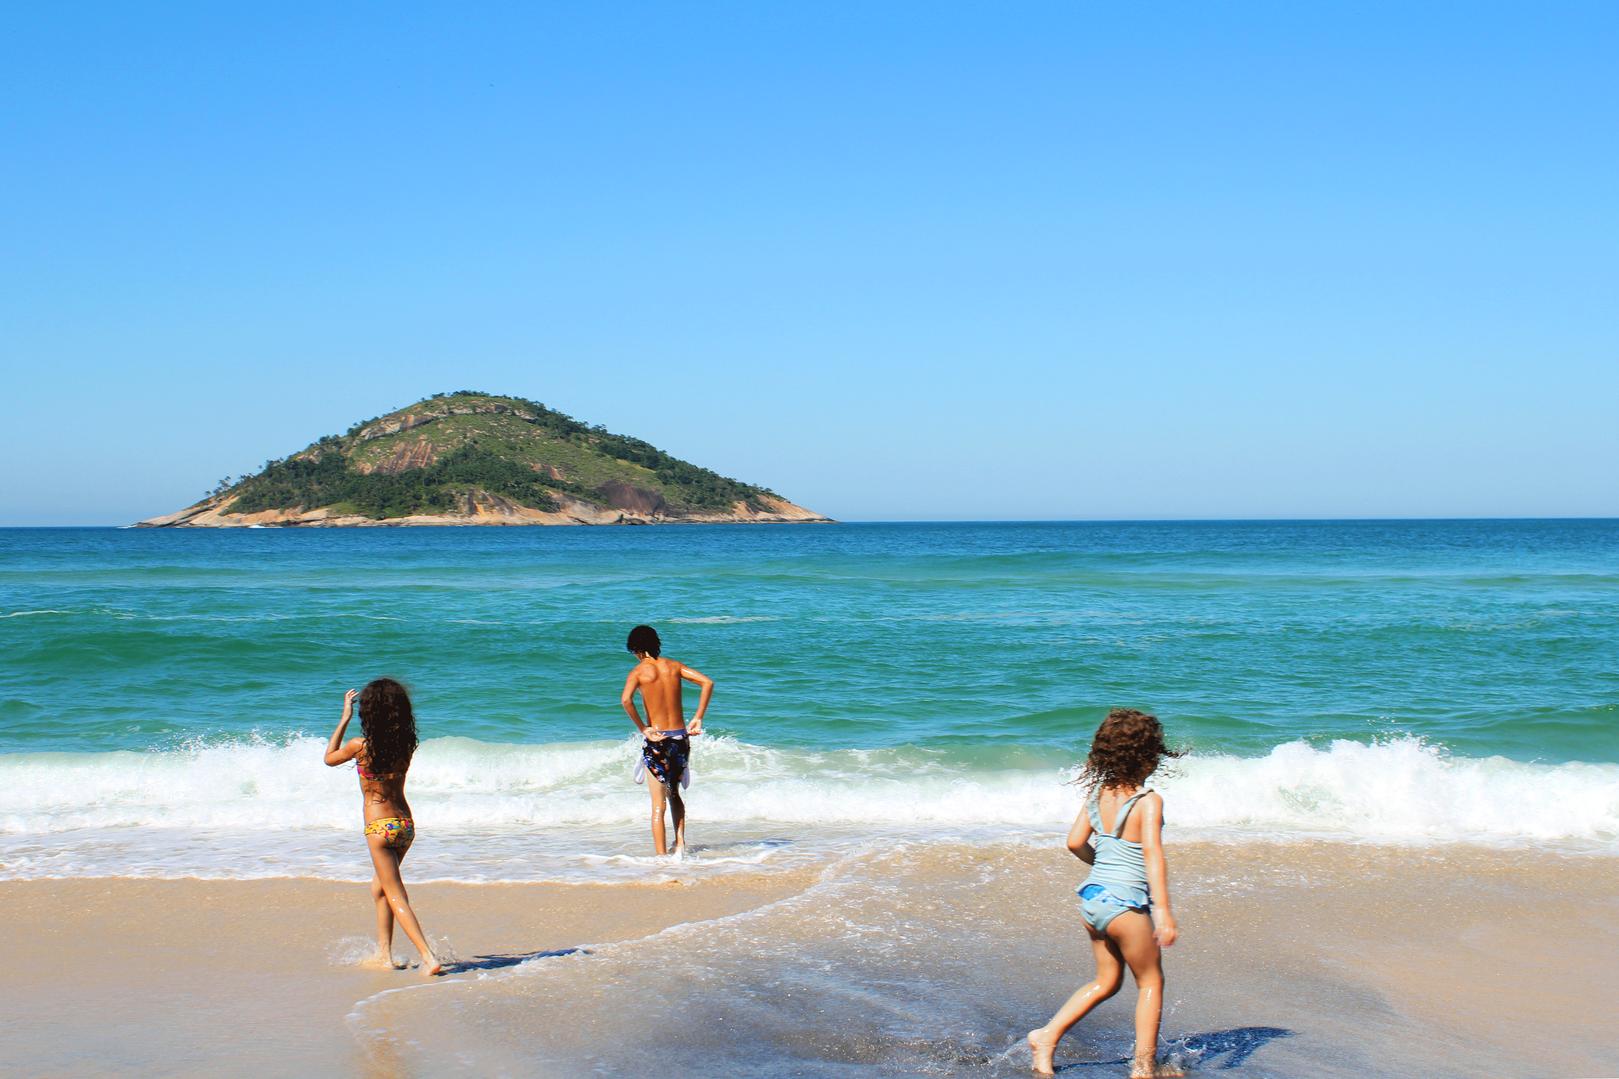 Praia de Grumari, Rio de Janeiro. Brazil